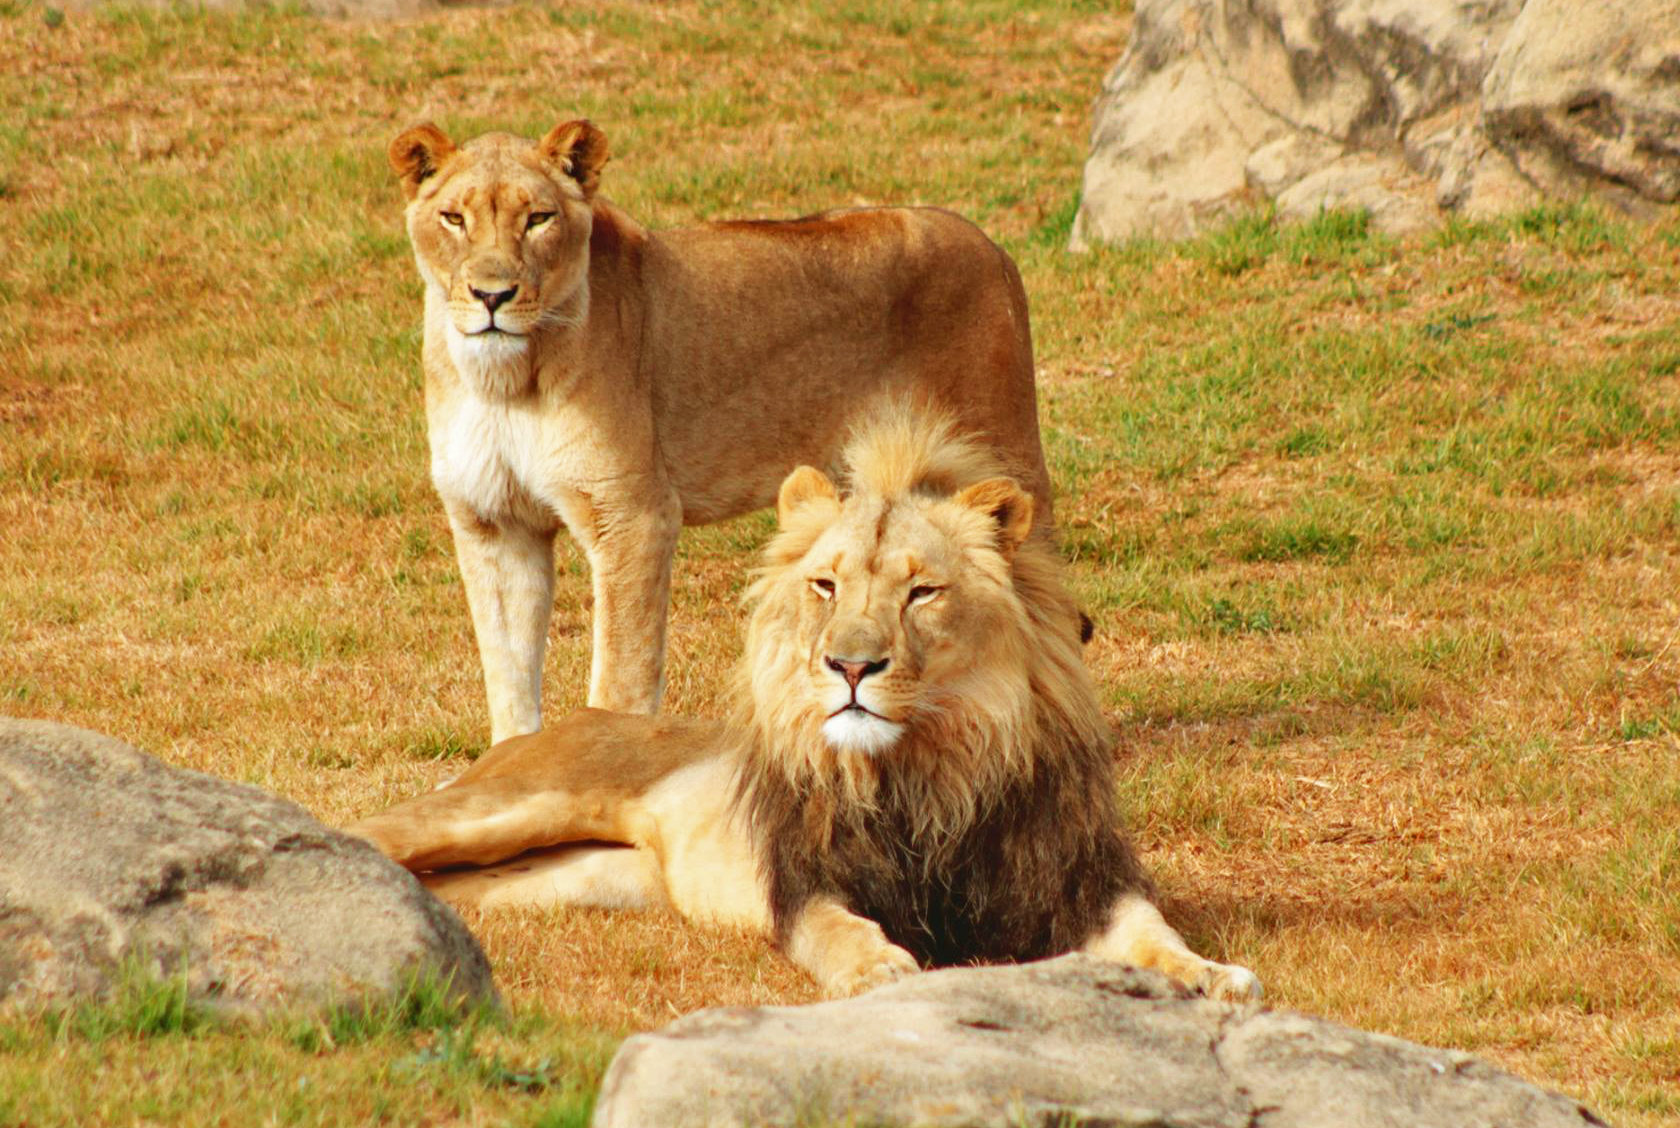 Casal de leões no O casal Auggie e Sabi no The Johannesburg Zoo, África do Sul